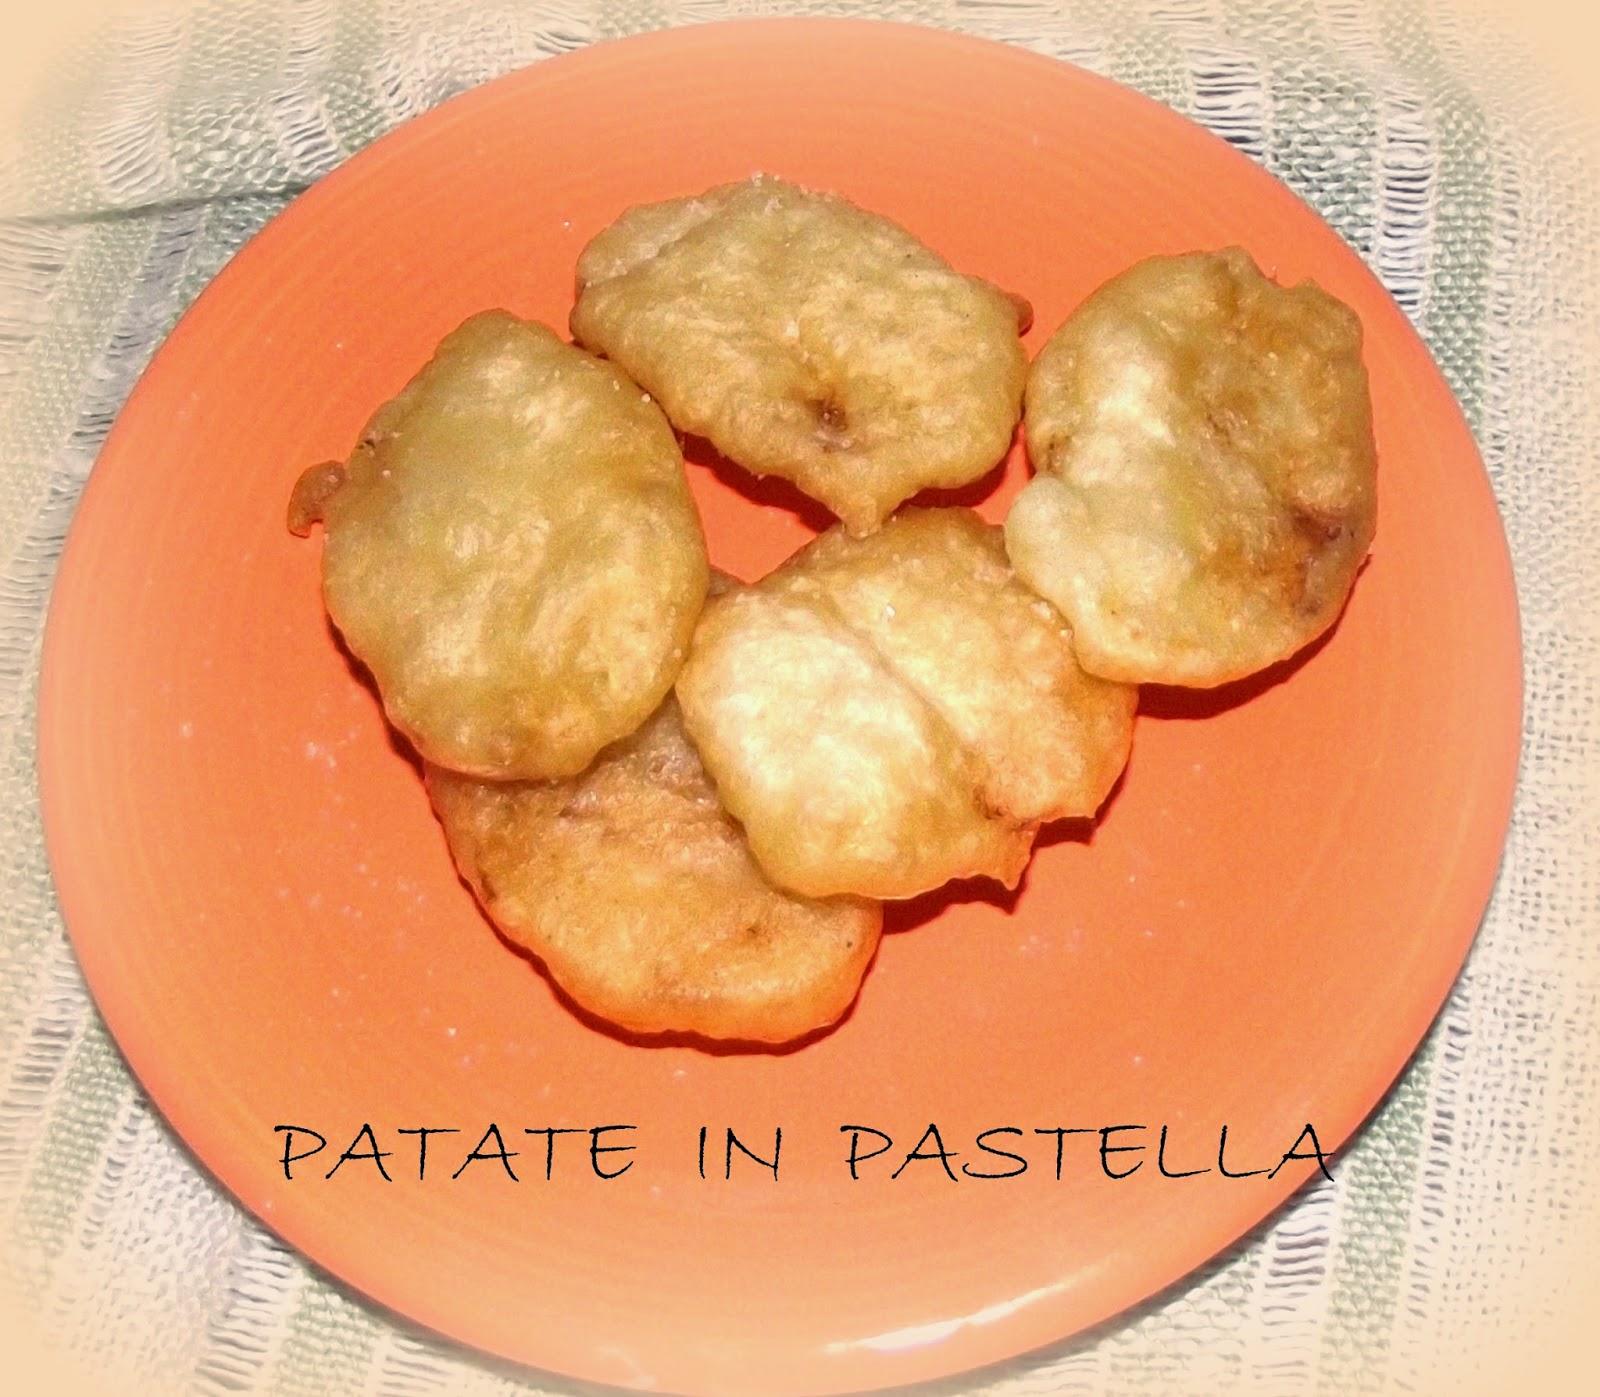 le patate in pastella e il low cost applicato